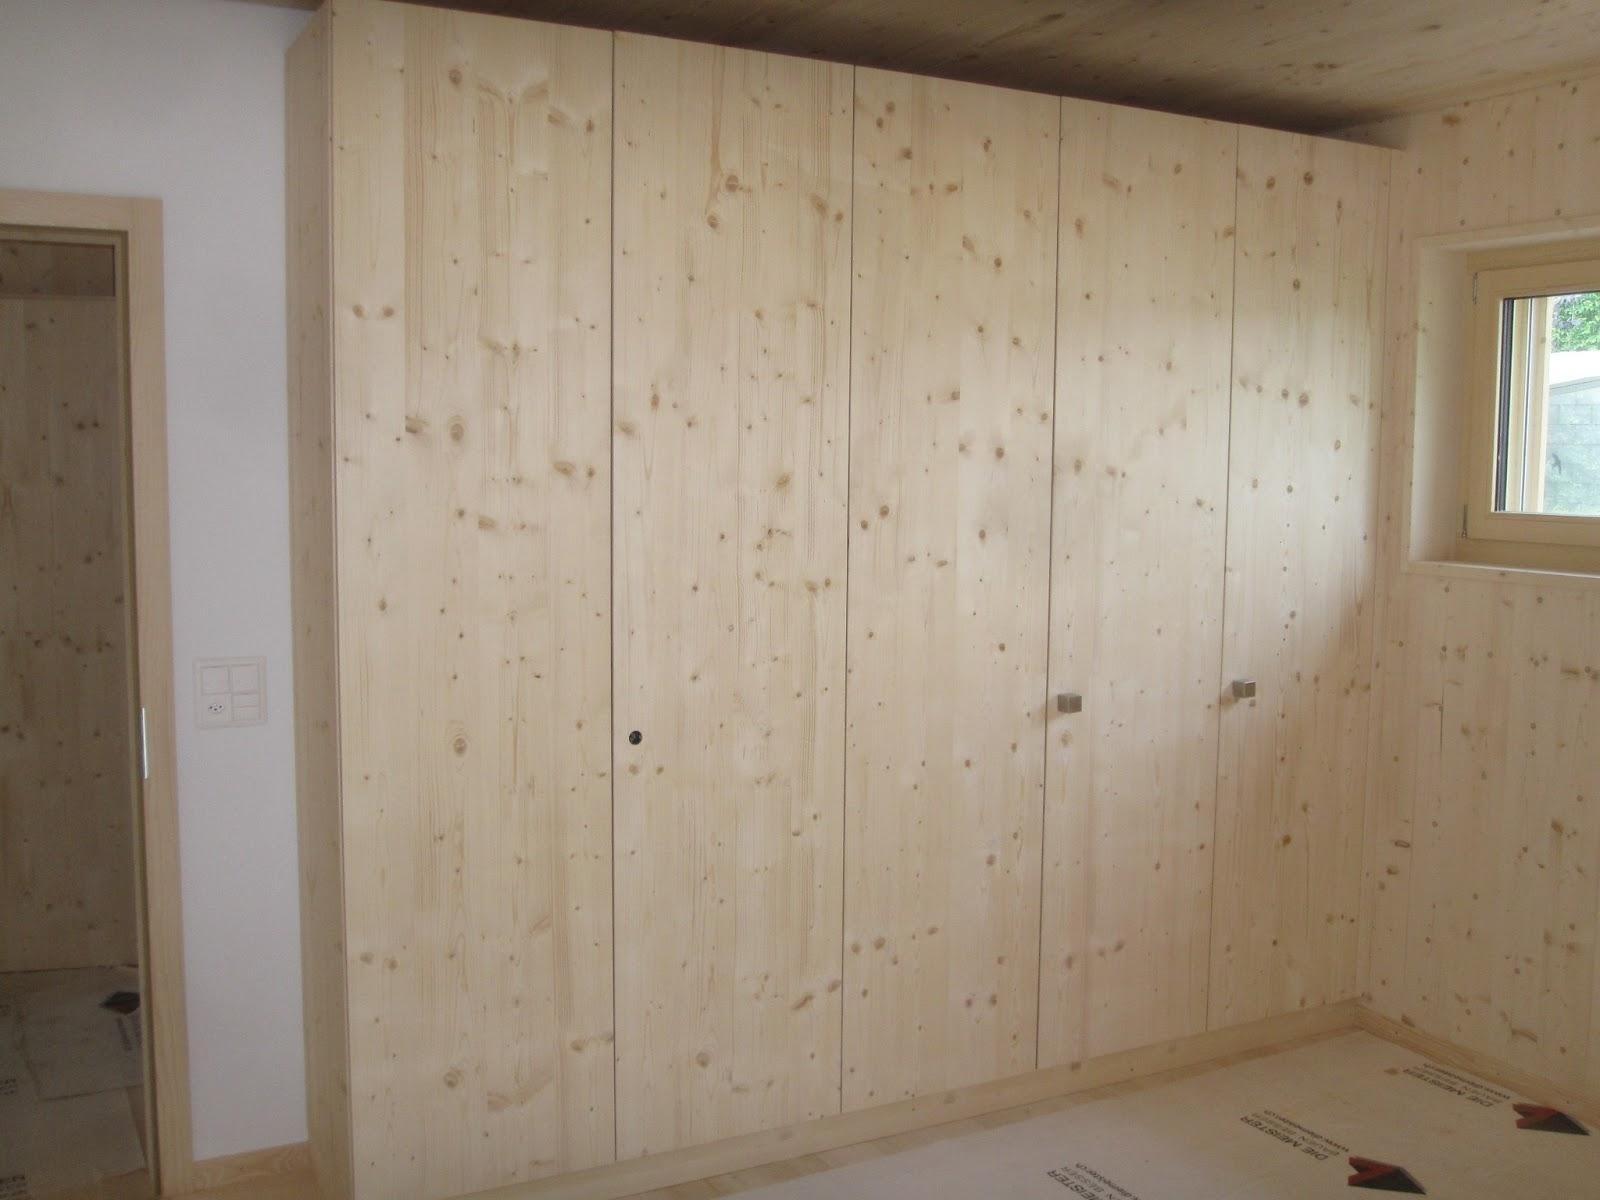 holzhaus wir bauen ein haus aus holz schreiner und sanit r. Black Bedroom Furniture Sets. Home Design Ideas